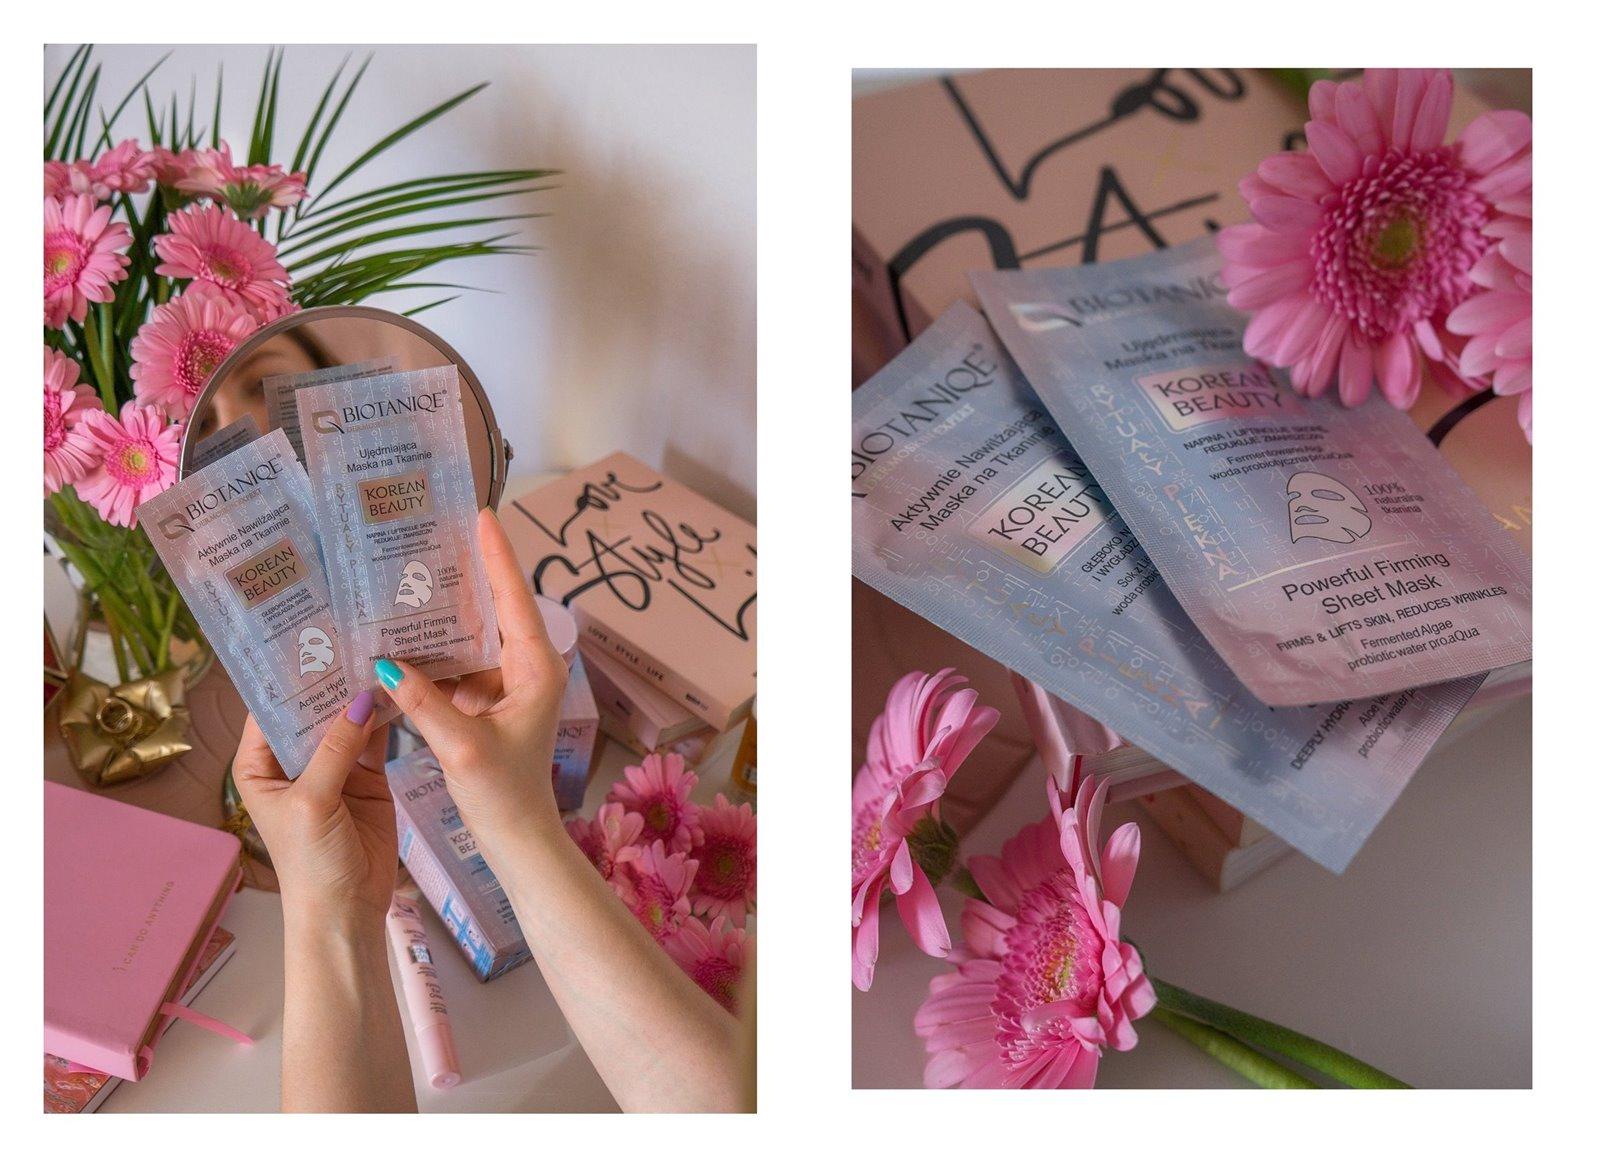 8A biotaniqe koreańska pielęgnacja krok po kroku w jakiej kolejności nakładać kosmetyki jak dbać o cerę koreańskie kosmetyki kremy serum maski korean beauty instagram melodylaniella łódzka blogerka lifestyle